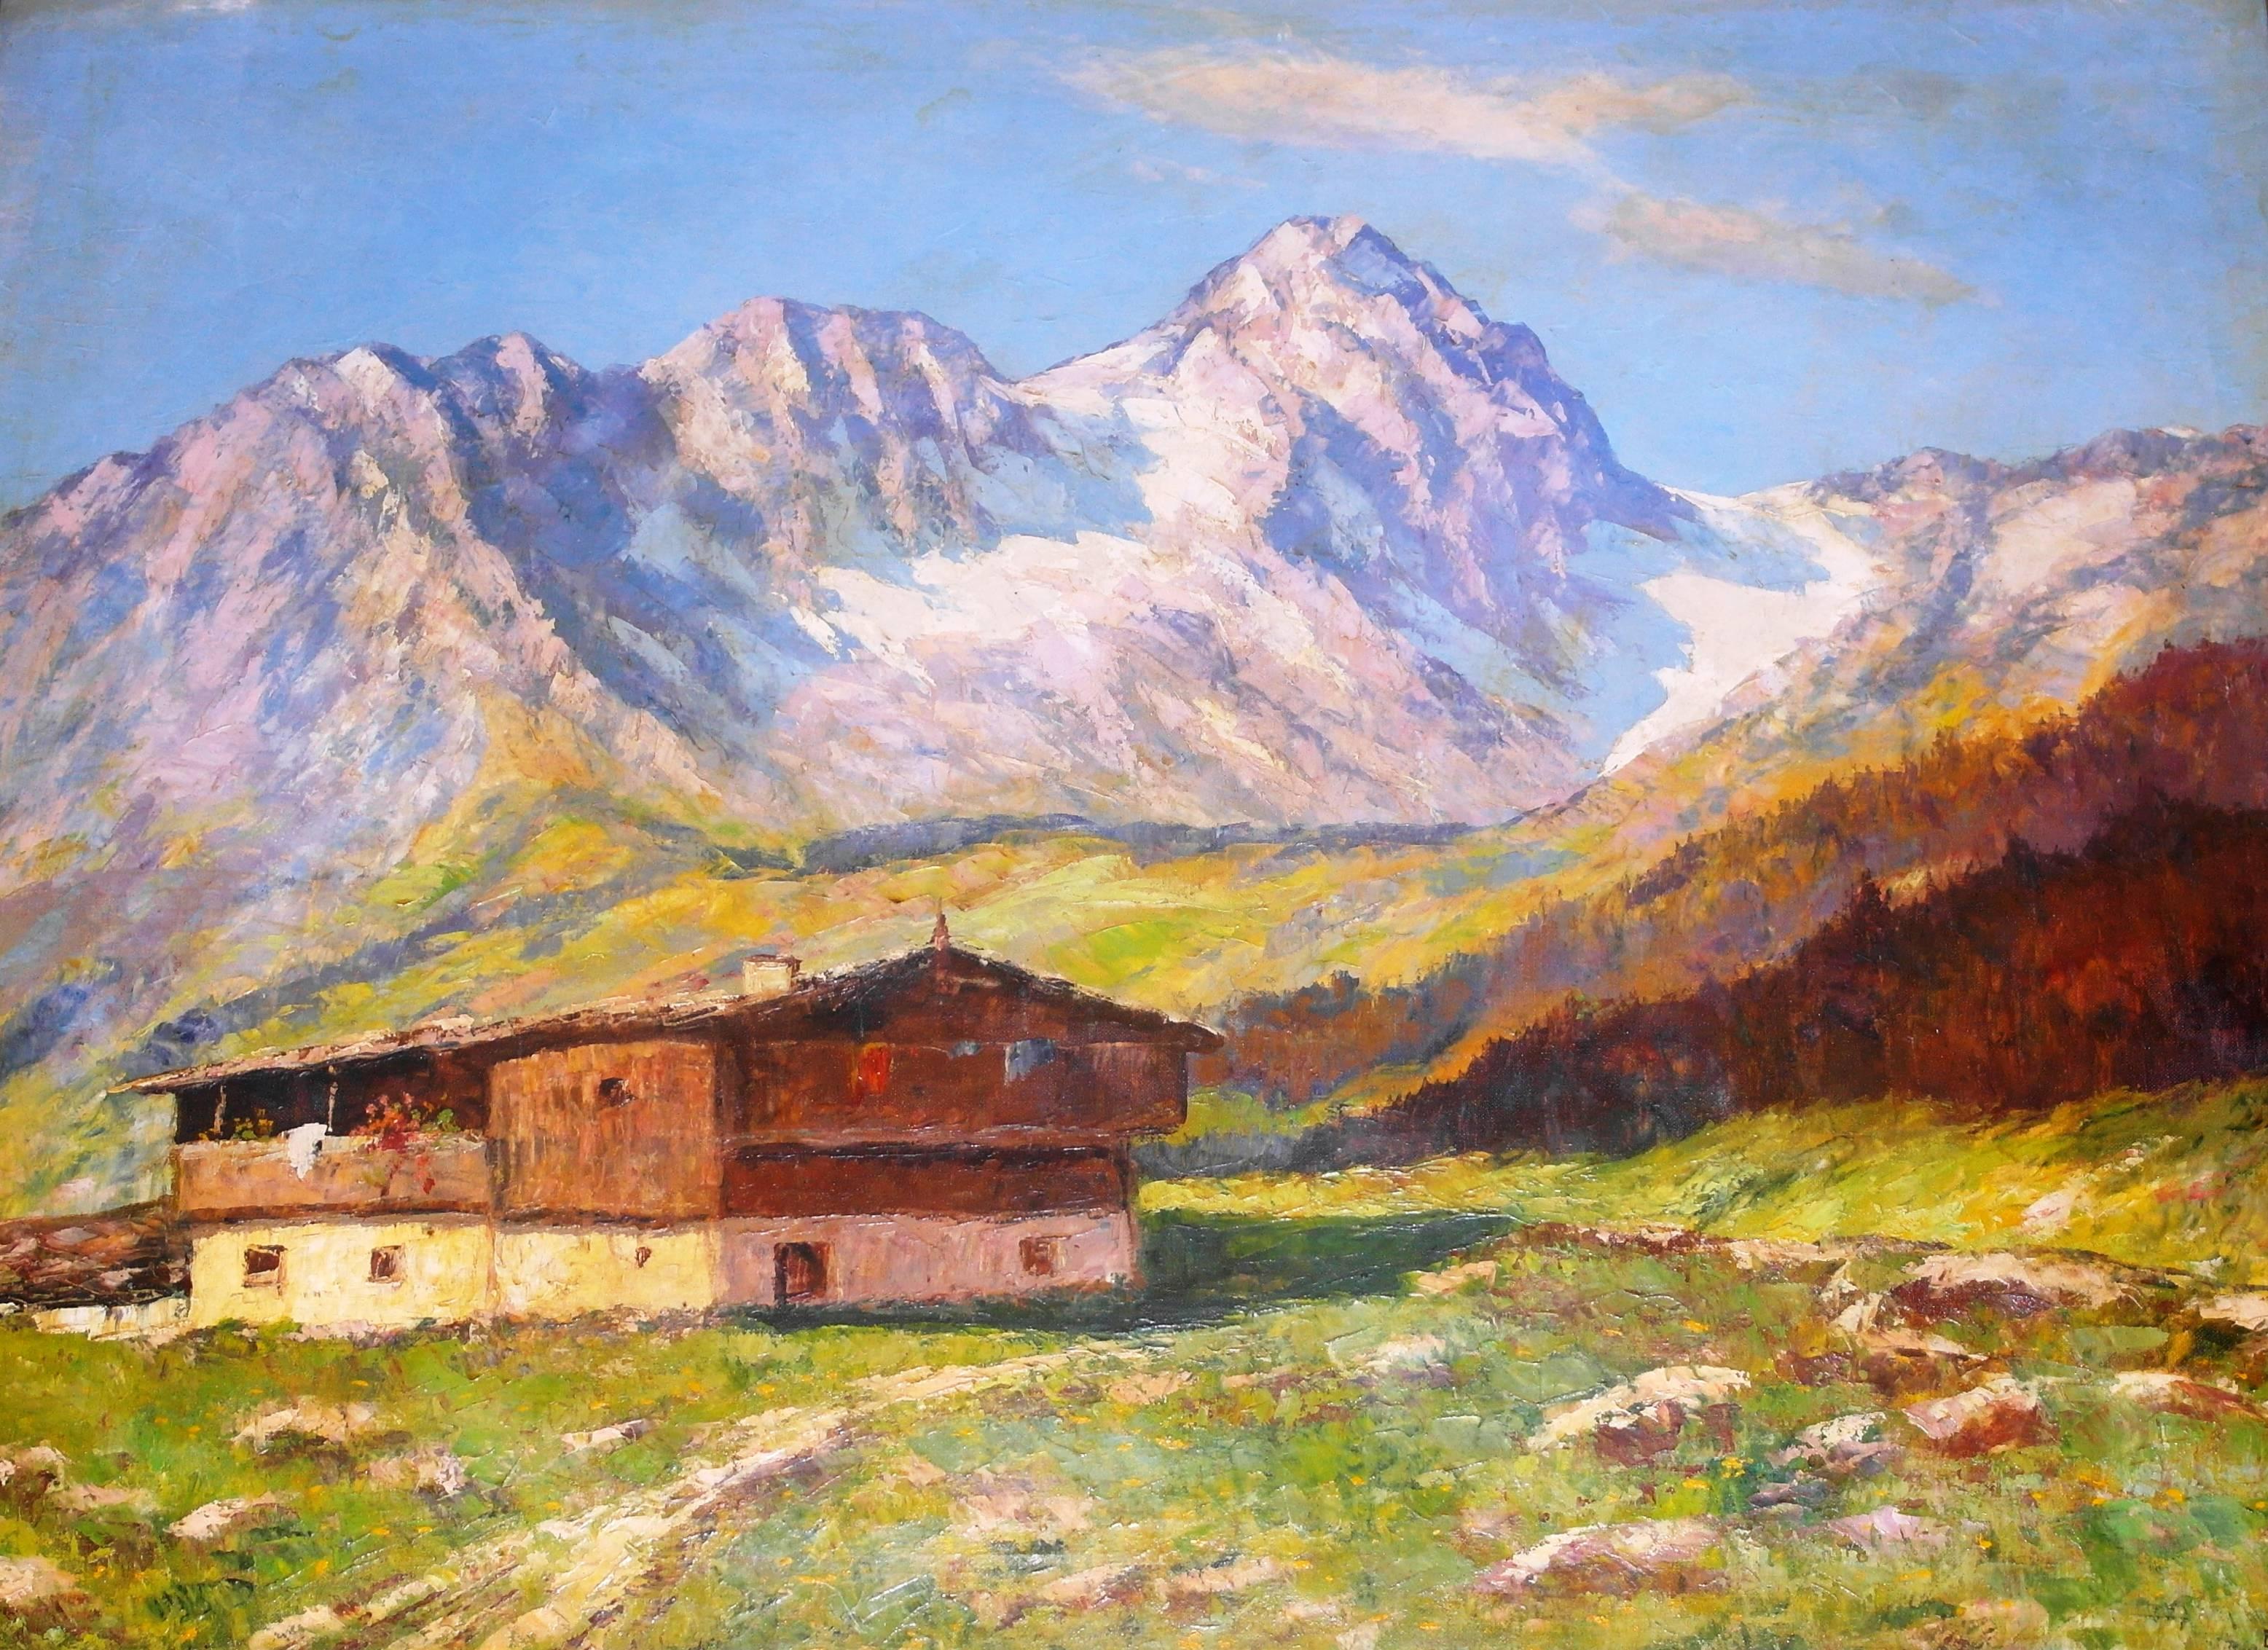 Landschaftsmalerei expressionismus nolde  Webmuseum